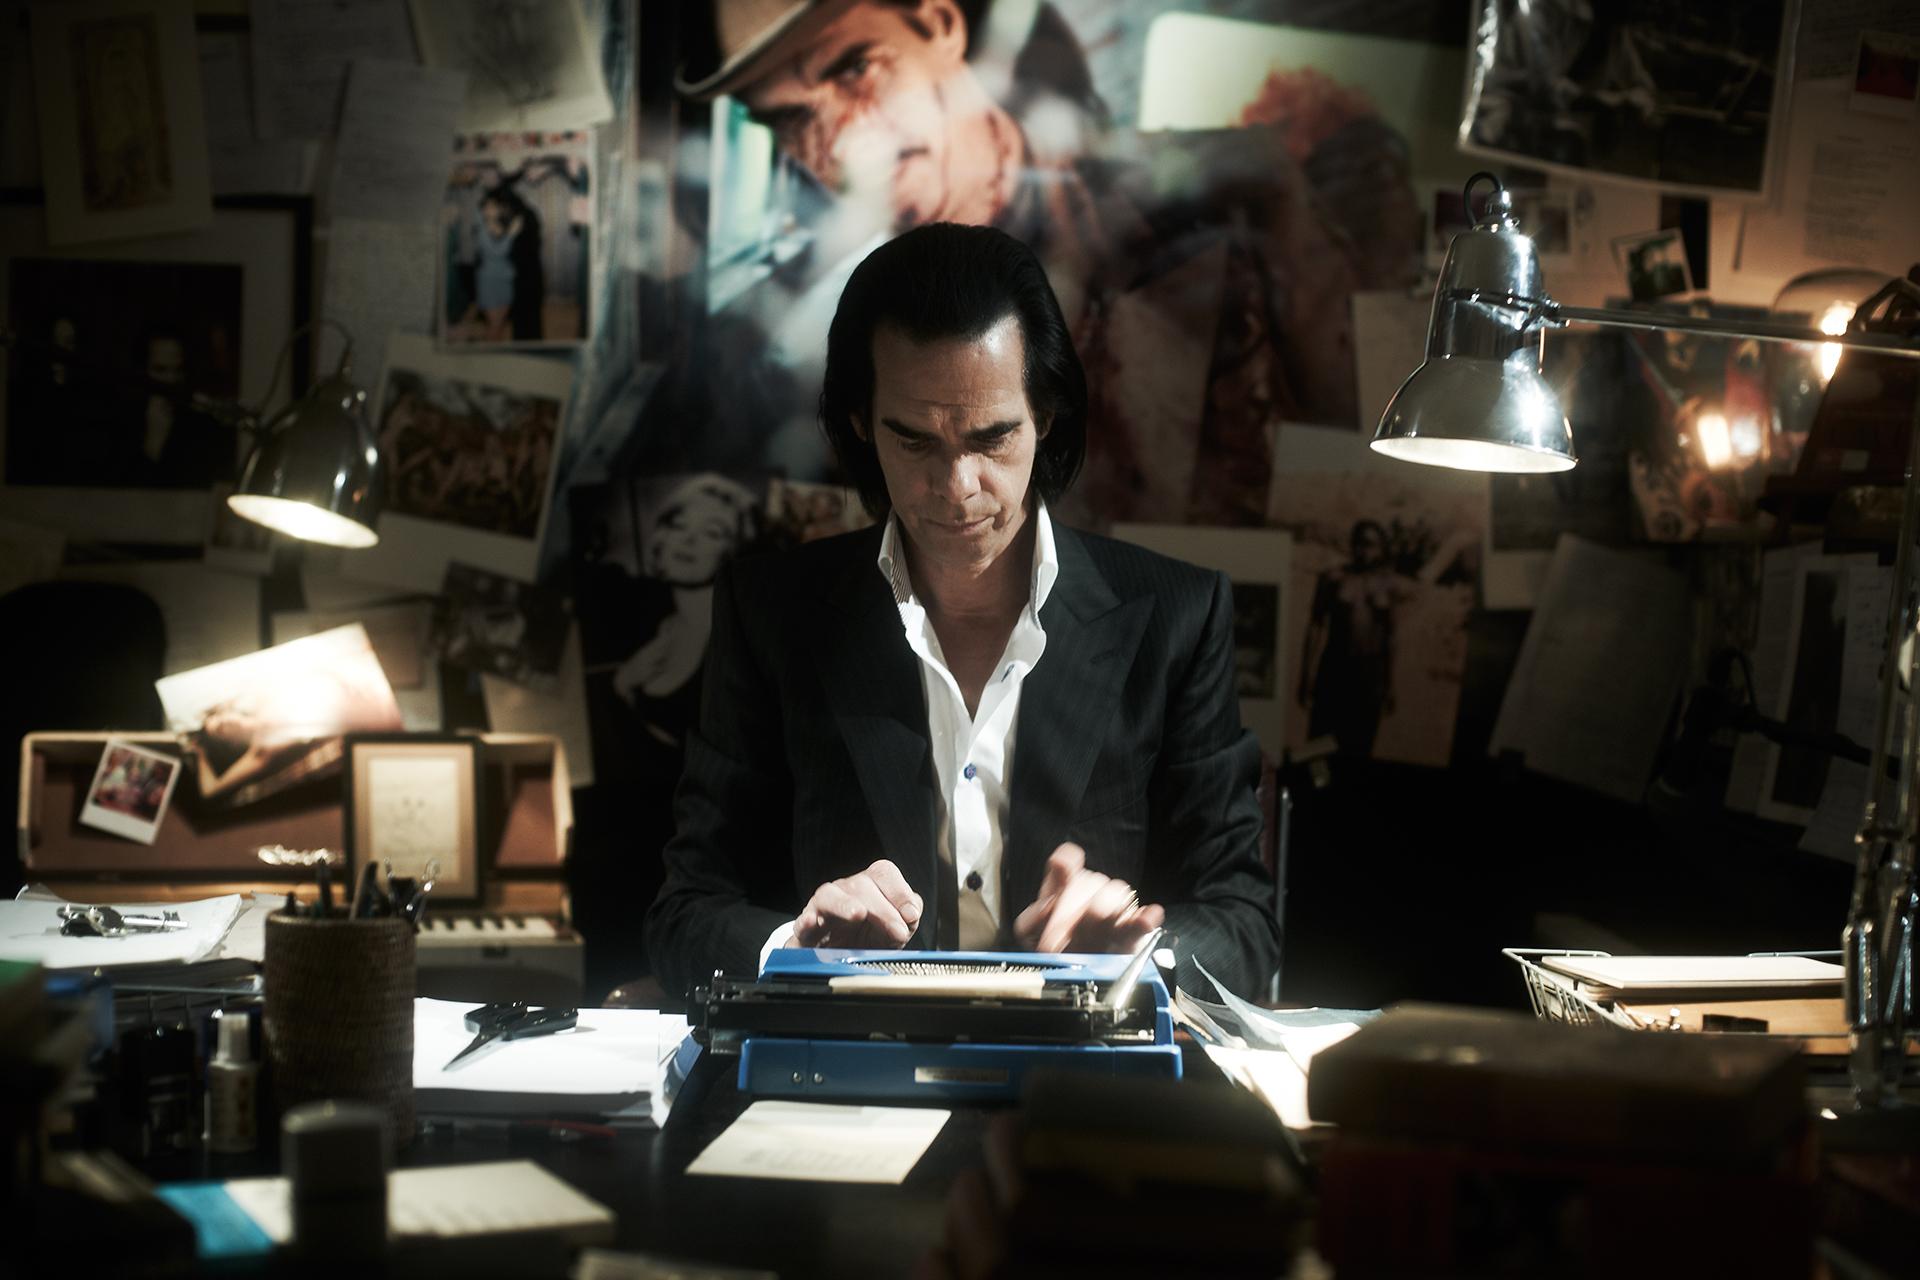 Nick_Typewriter_lowres